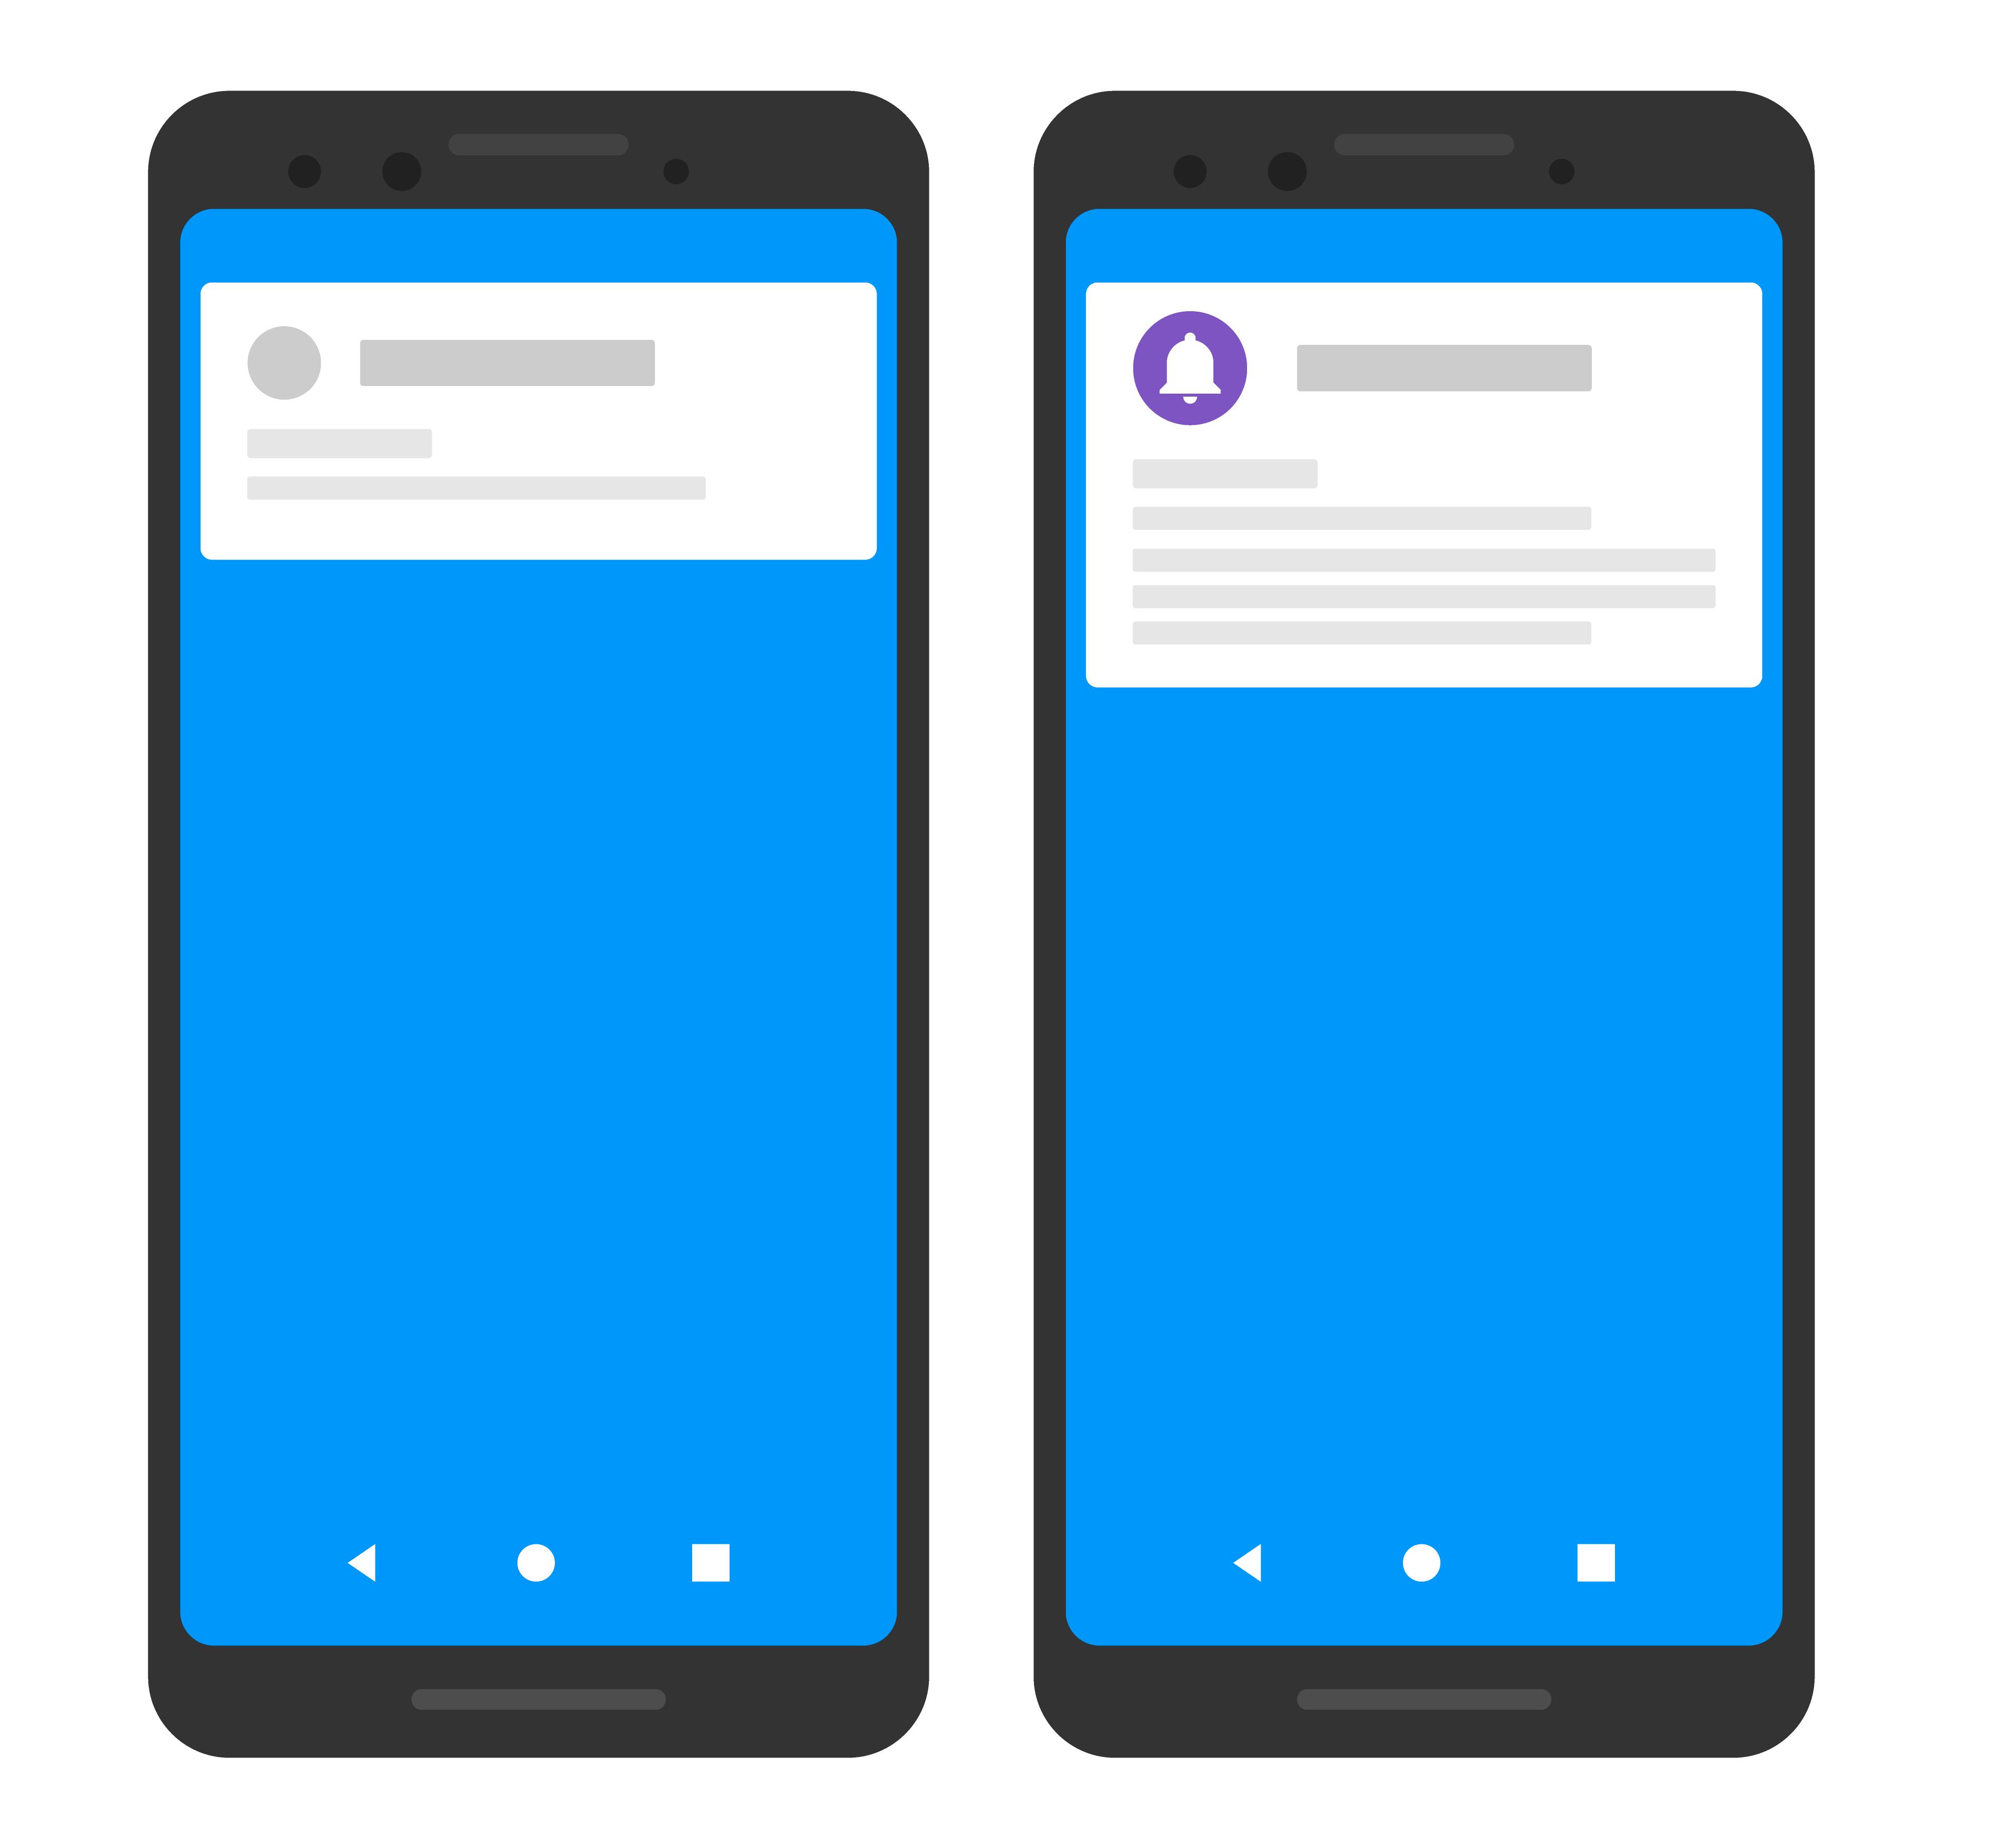 Desenho simples de dois dispositivos, e um deles exibindo um ícone e uma cor personalizados